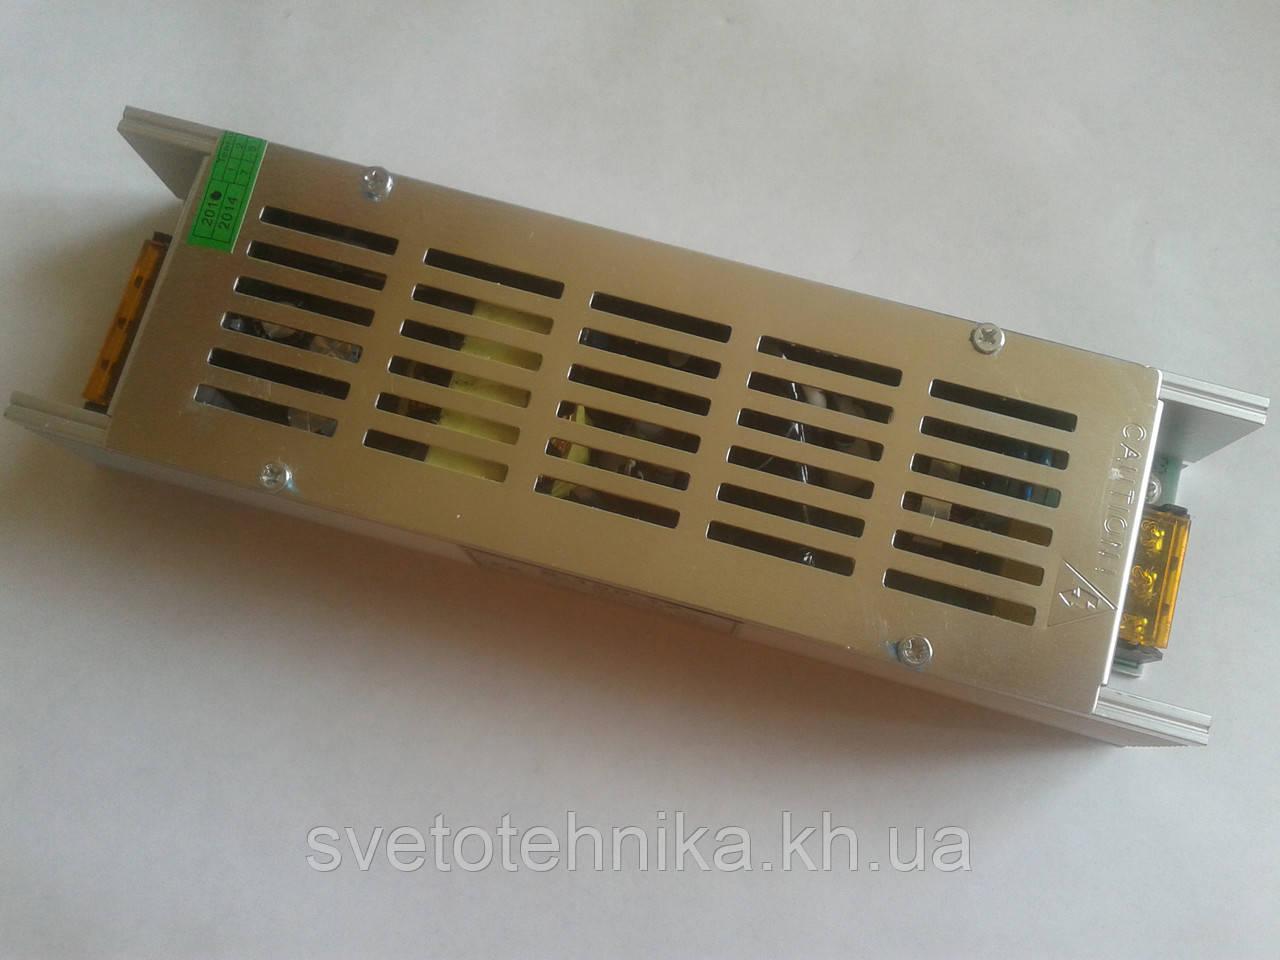 Блок питания понижающий для светодиодных лент 12V 150Вт мини (12.5А)